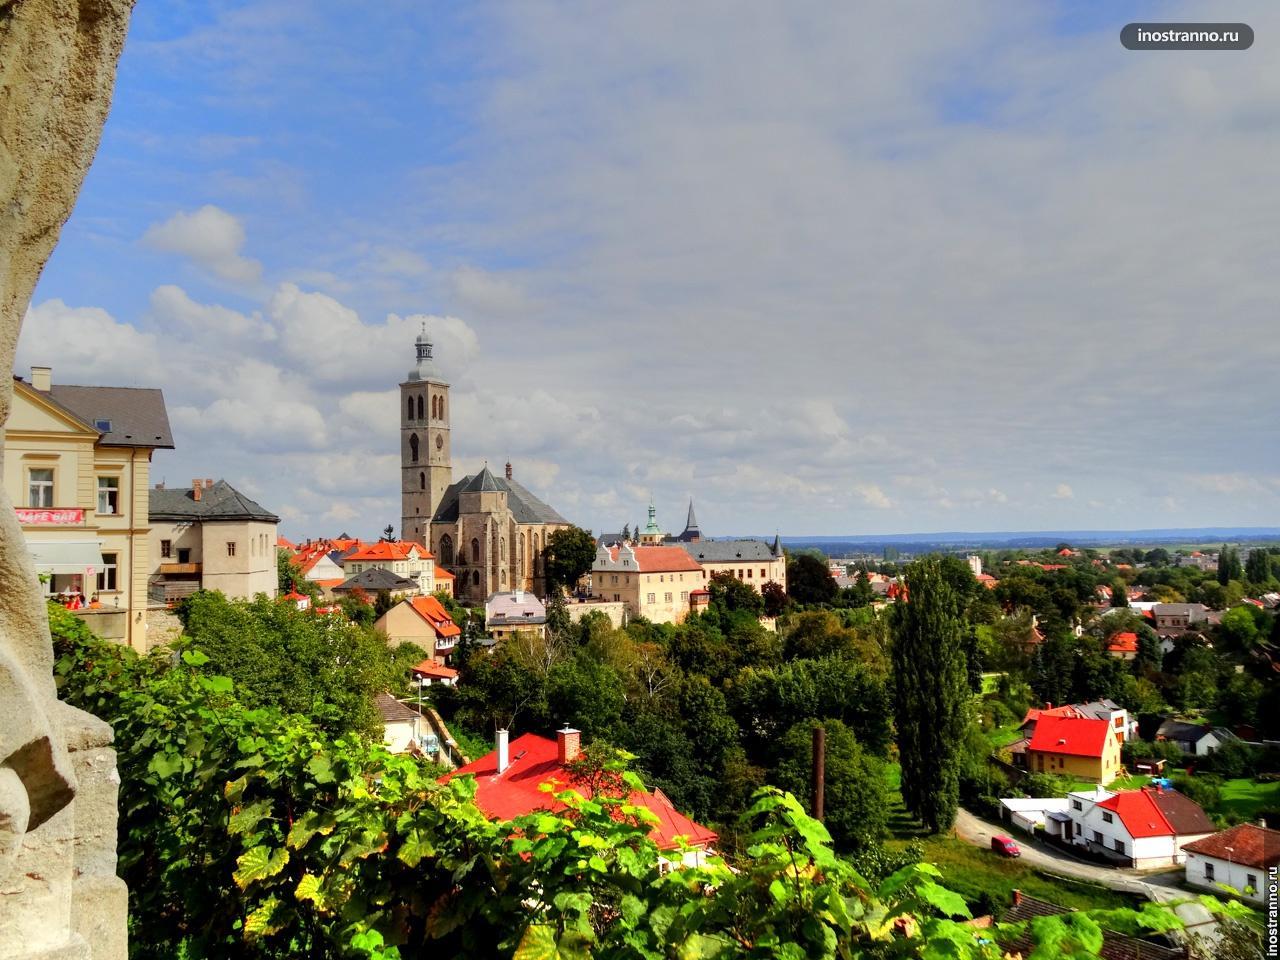 Вид на город Кутна Гора